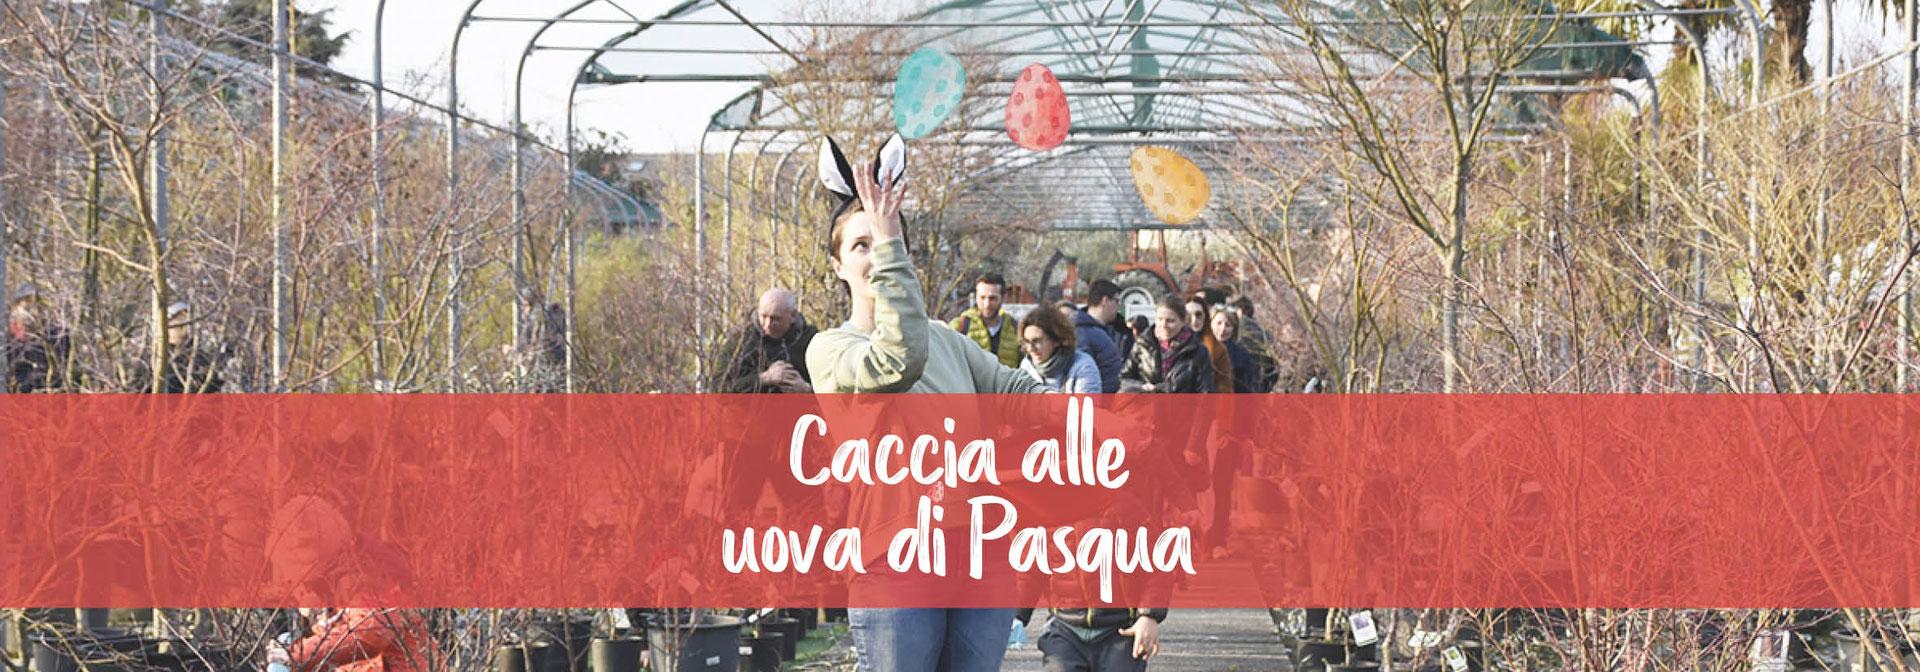 Piante Da Regalare A Pasqua caccia alle uova di pasqua - floricoltura la gemma.cernusco